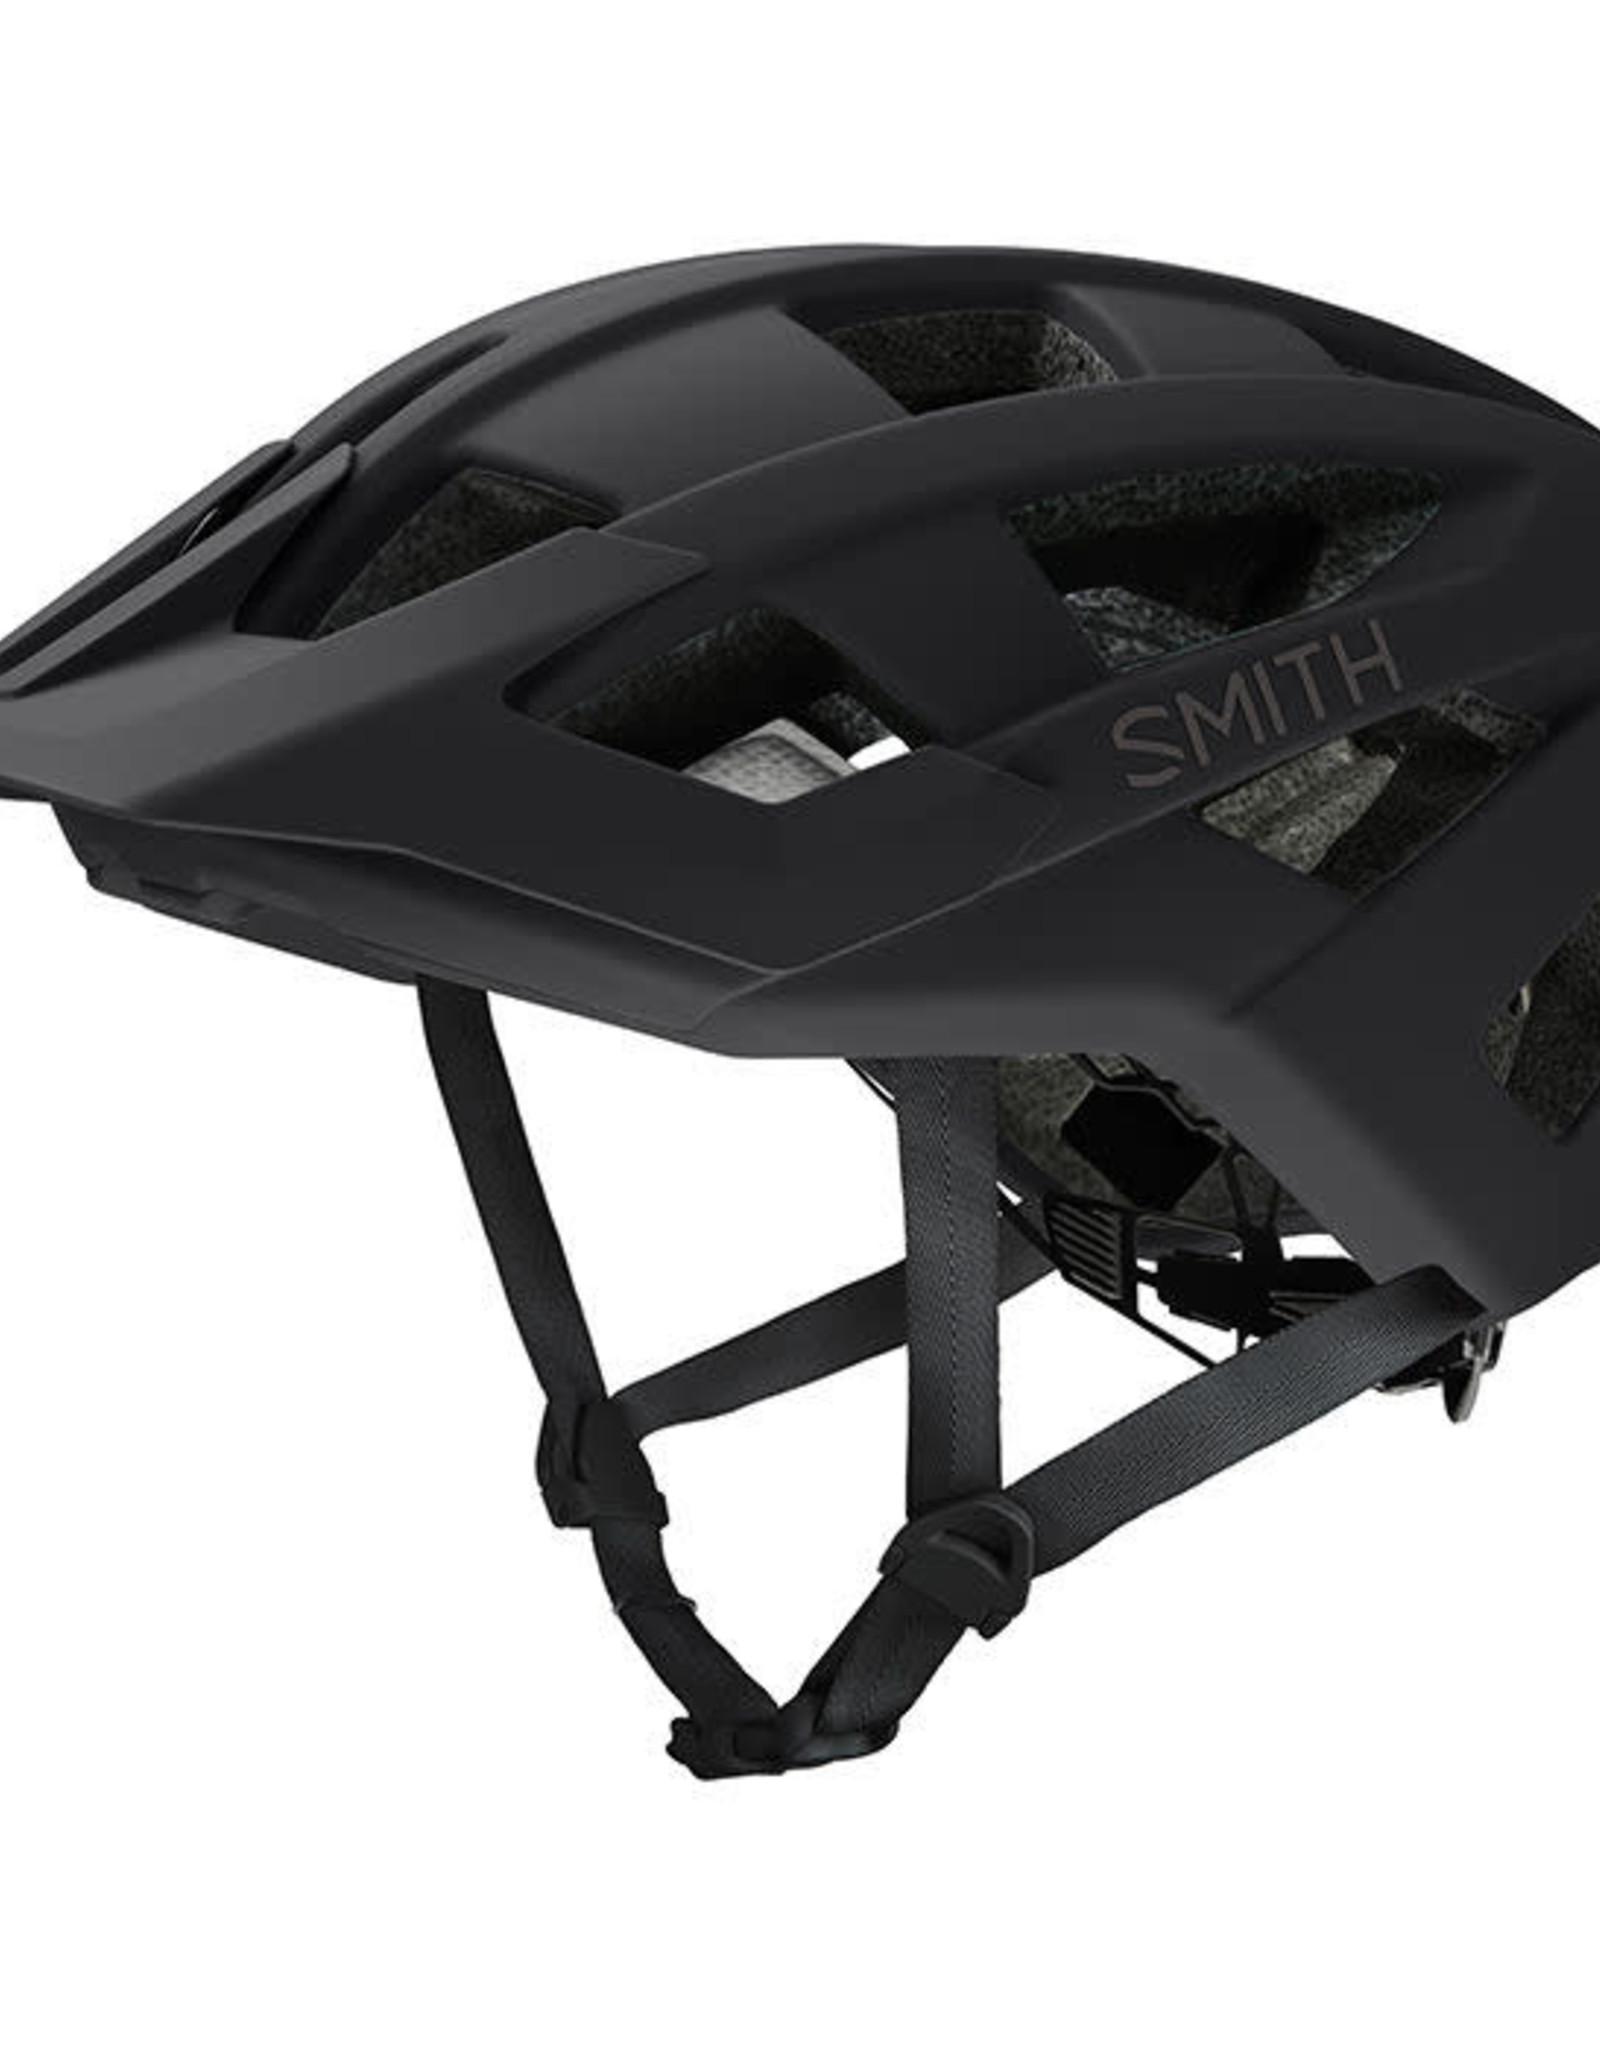 Smith 2020 Venture MIPS Bike Helmet